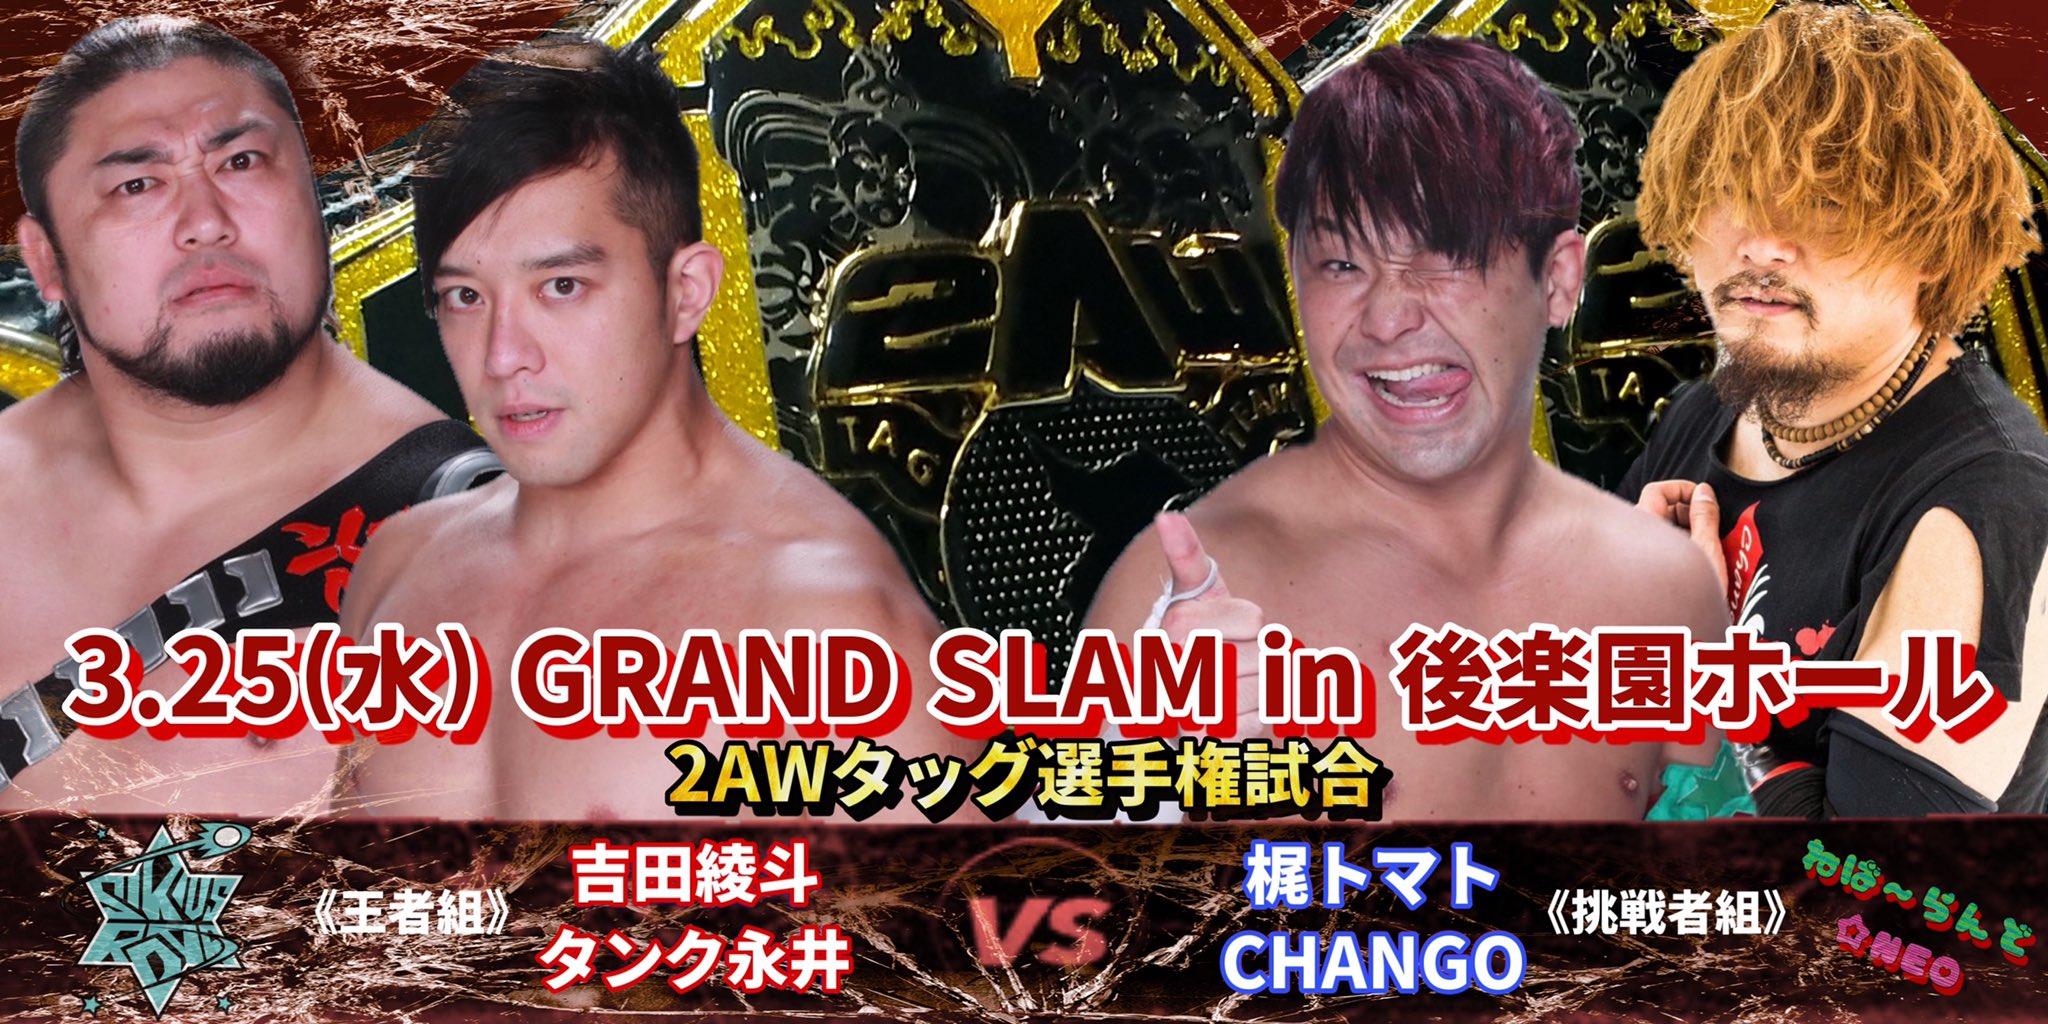 Watch 2AW Grand slam In KoraKuen Hall 12/28/2020